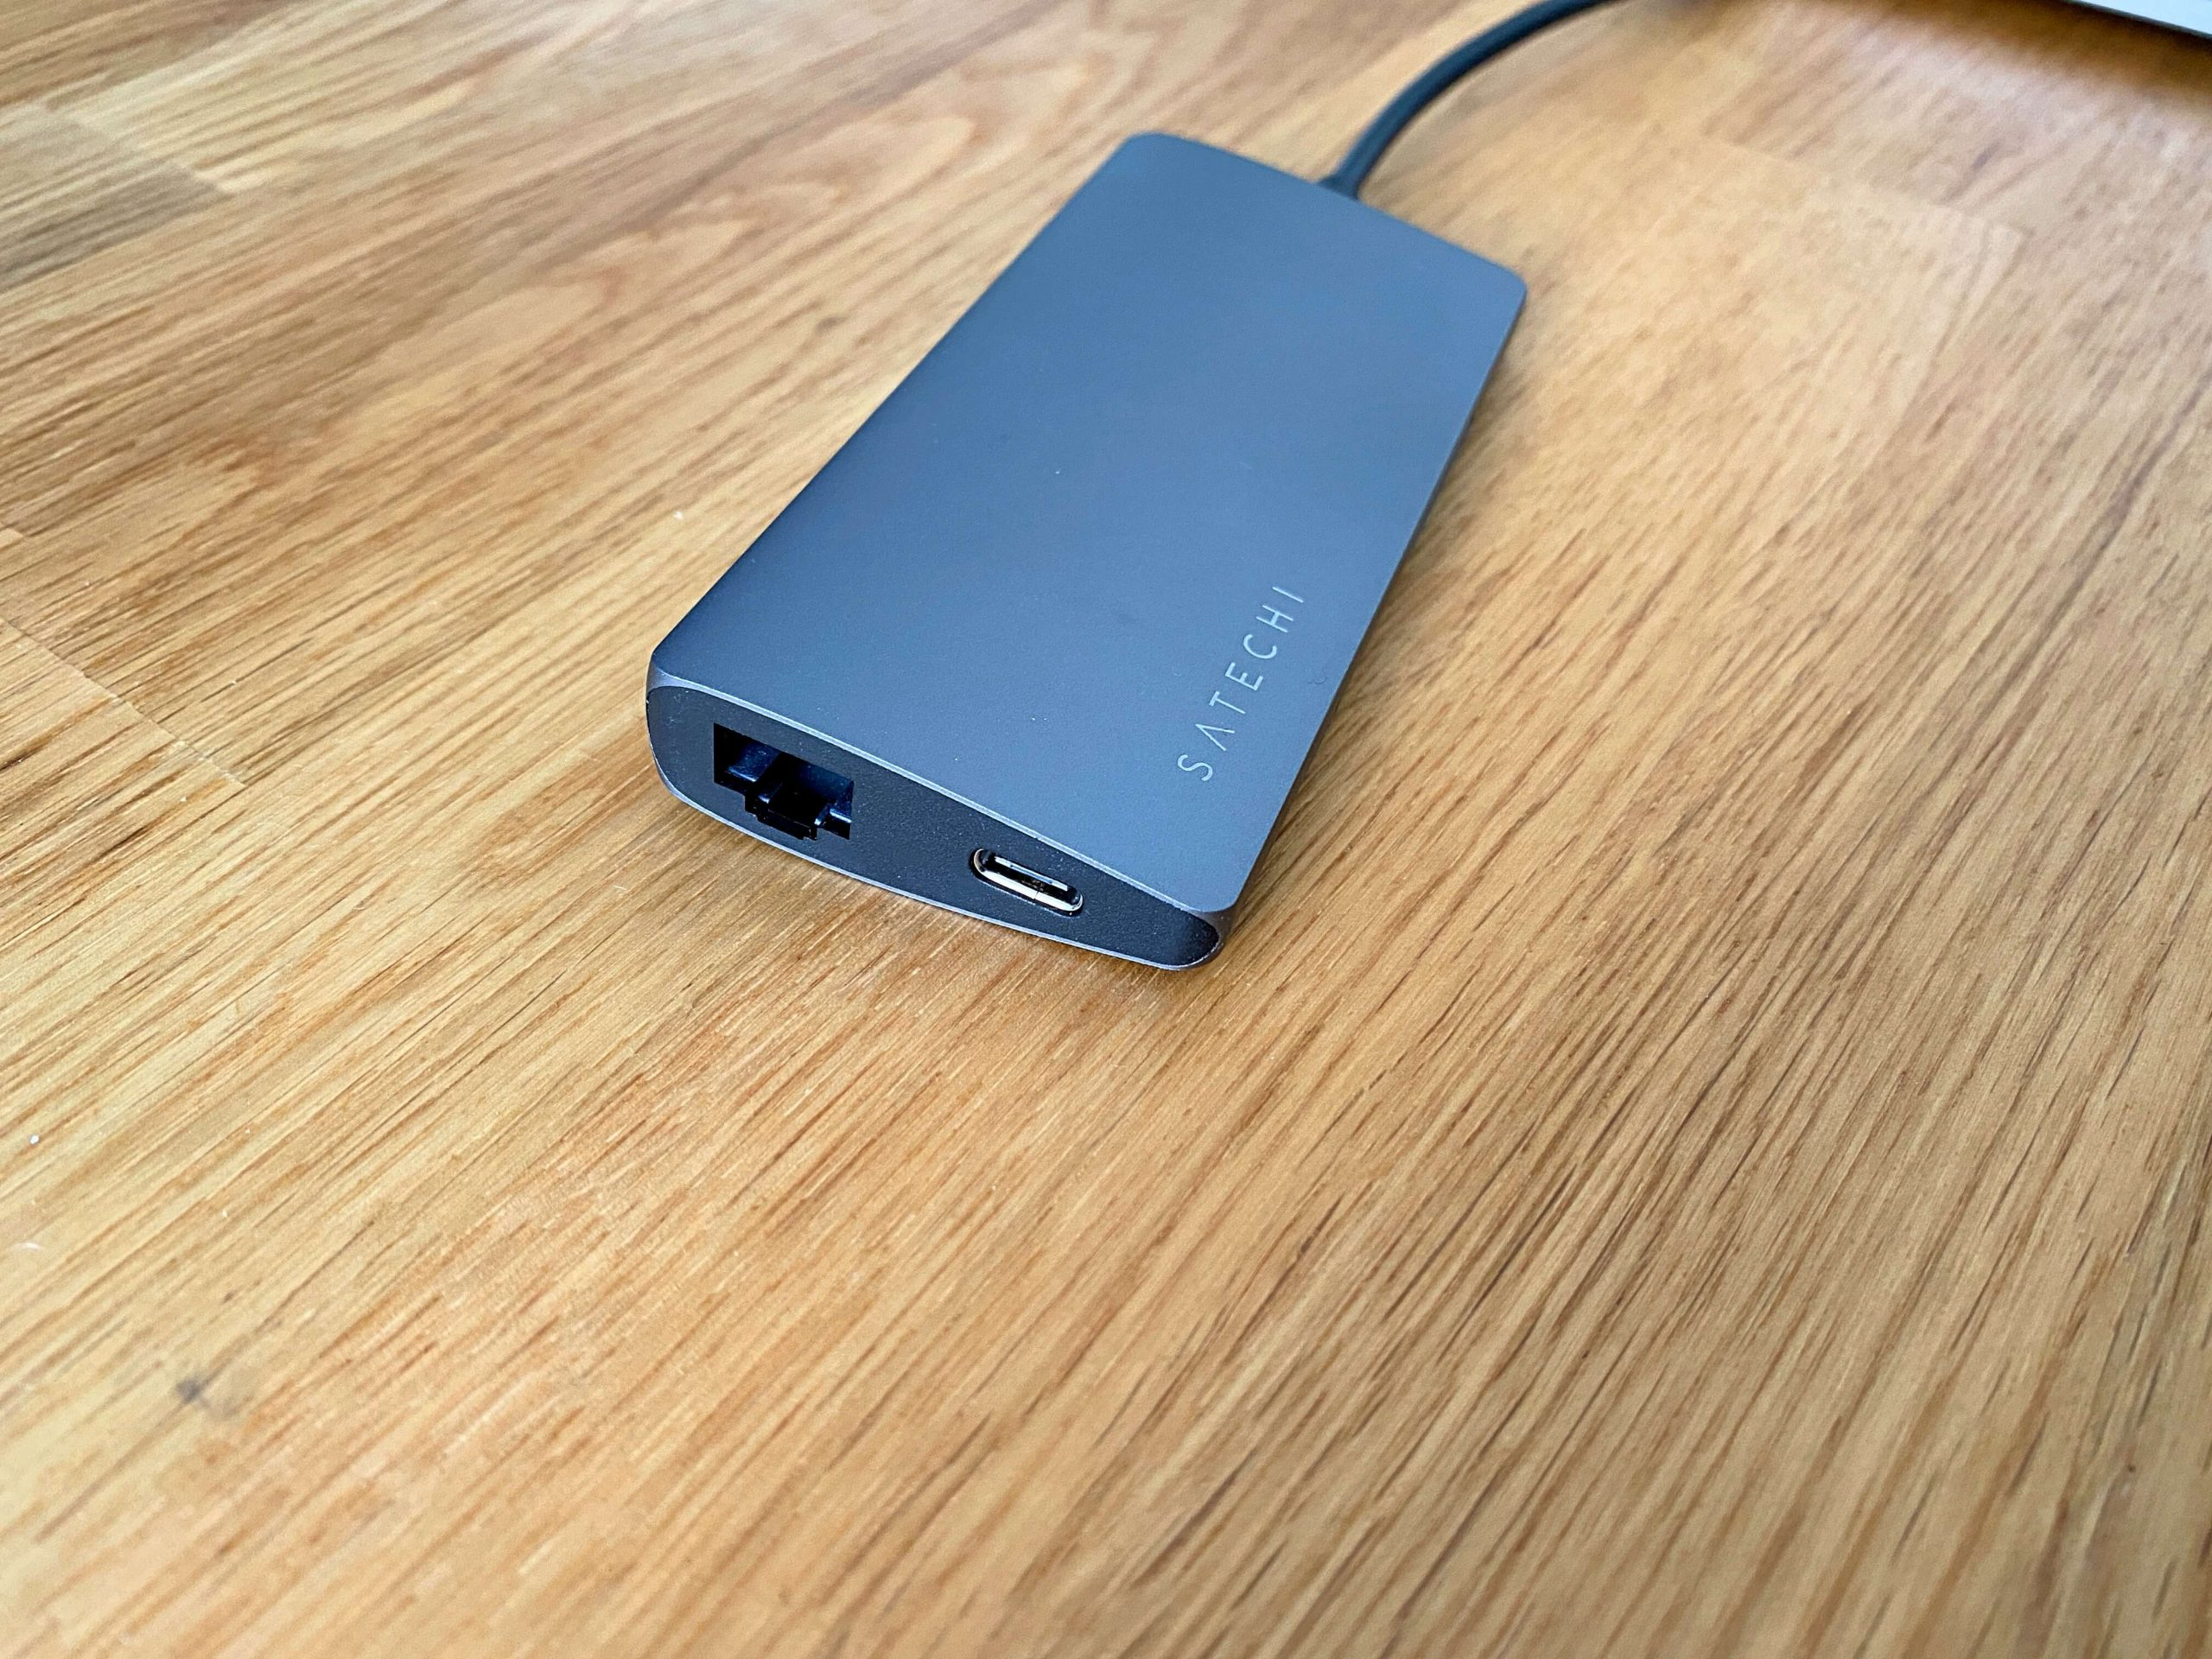 Multiport-Adapter-V2-von-Satechi-HDMI-Speicherkartenslot-USB-C-Ethernet-und-Strom3-scaled Multiport-Adapter V2 von Satechi - HDMI, Speicherkartenslot, USB-A, Ethernet und Strom